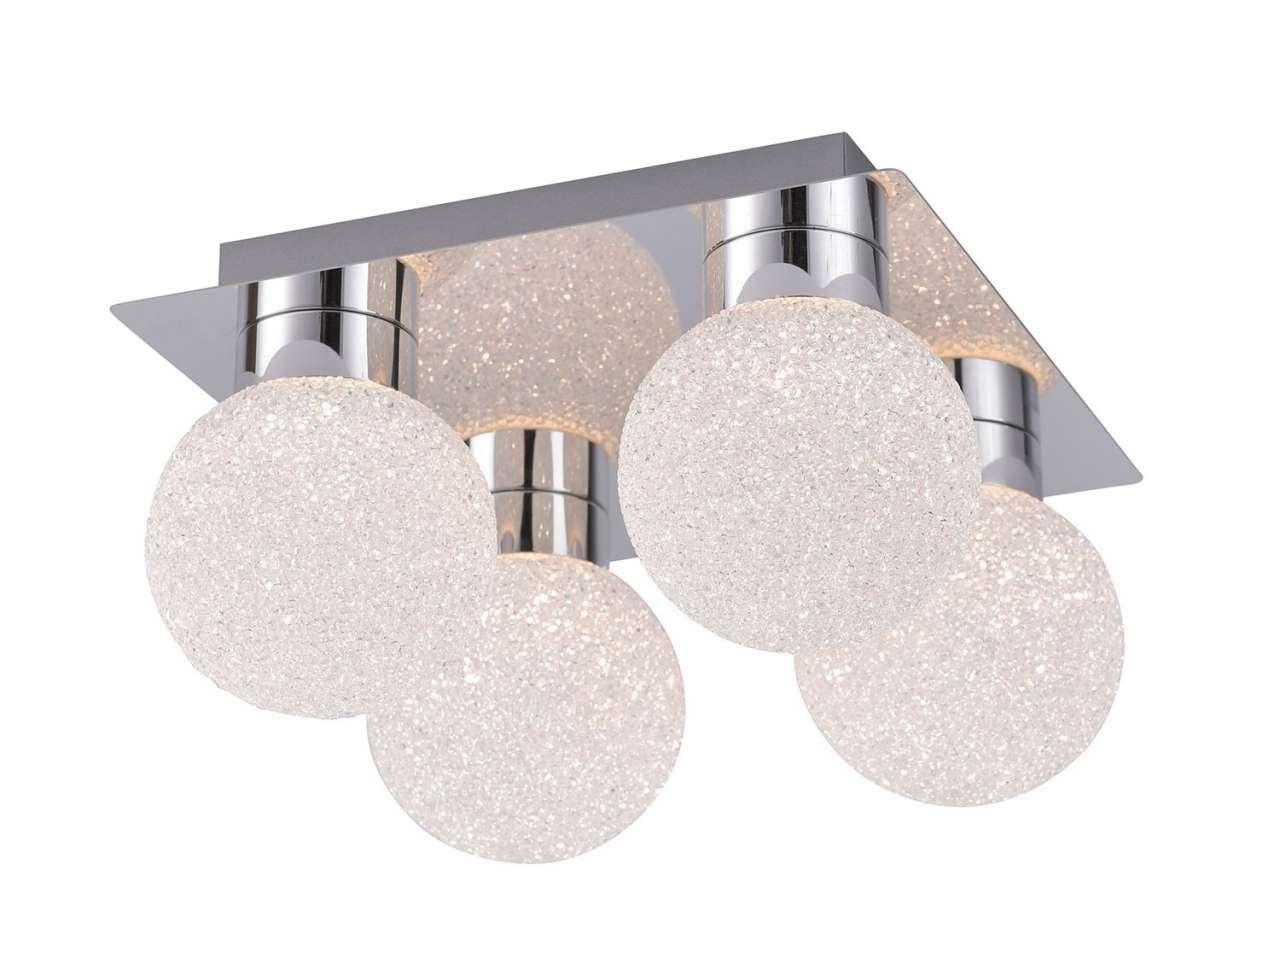 moebel-jack.de LED-Lampe Deckenleuchte MIKO 1, Metall Chromfarben, mit Fernbedienung